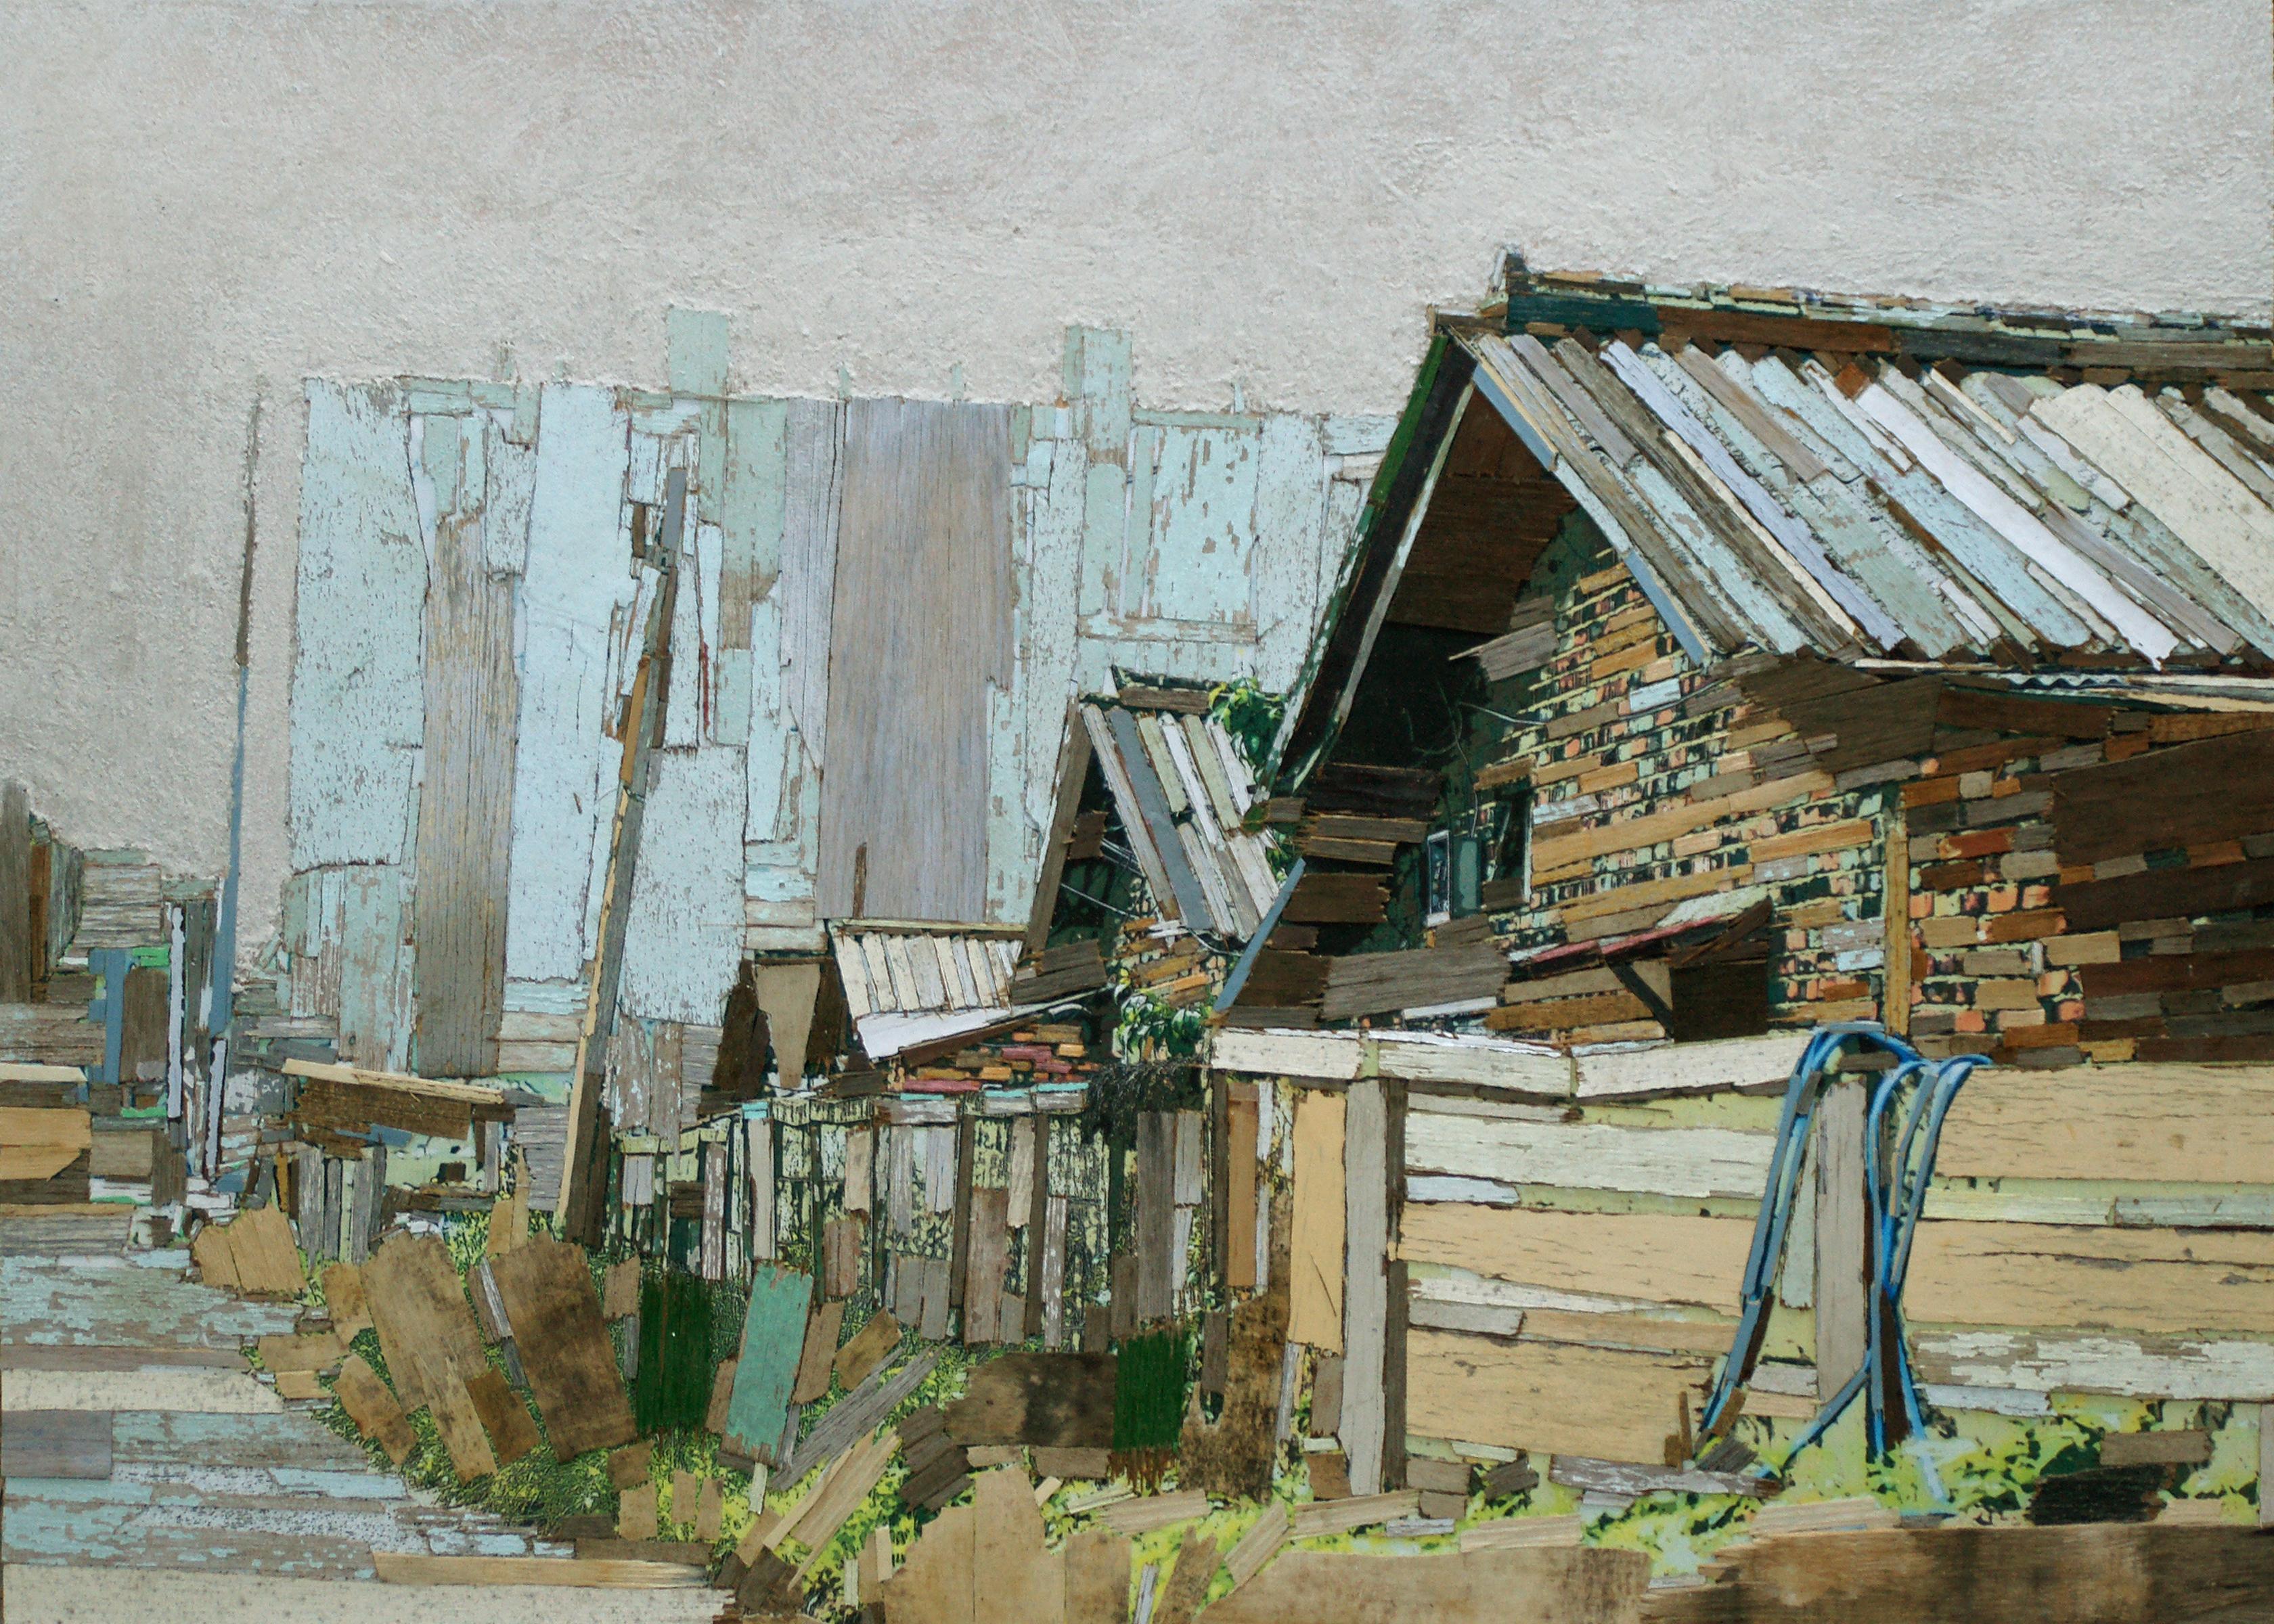 020, 이부강, trace 887-3 (영신연와), 73 x 53 cm